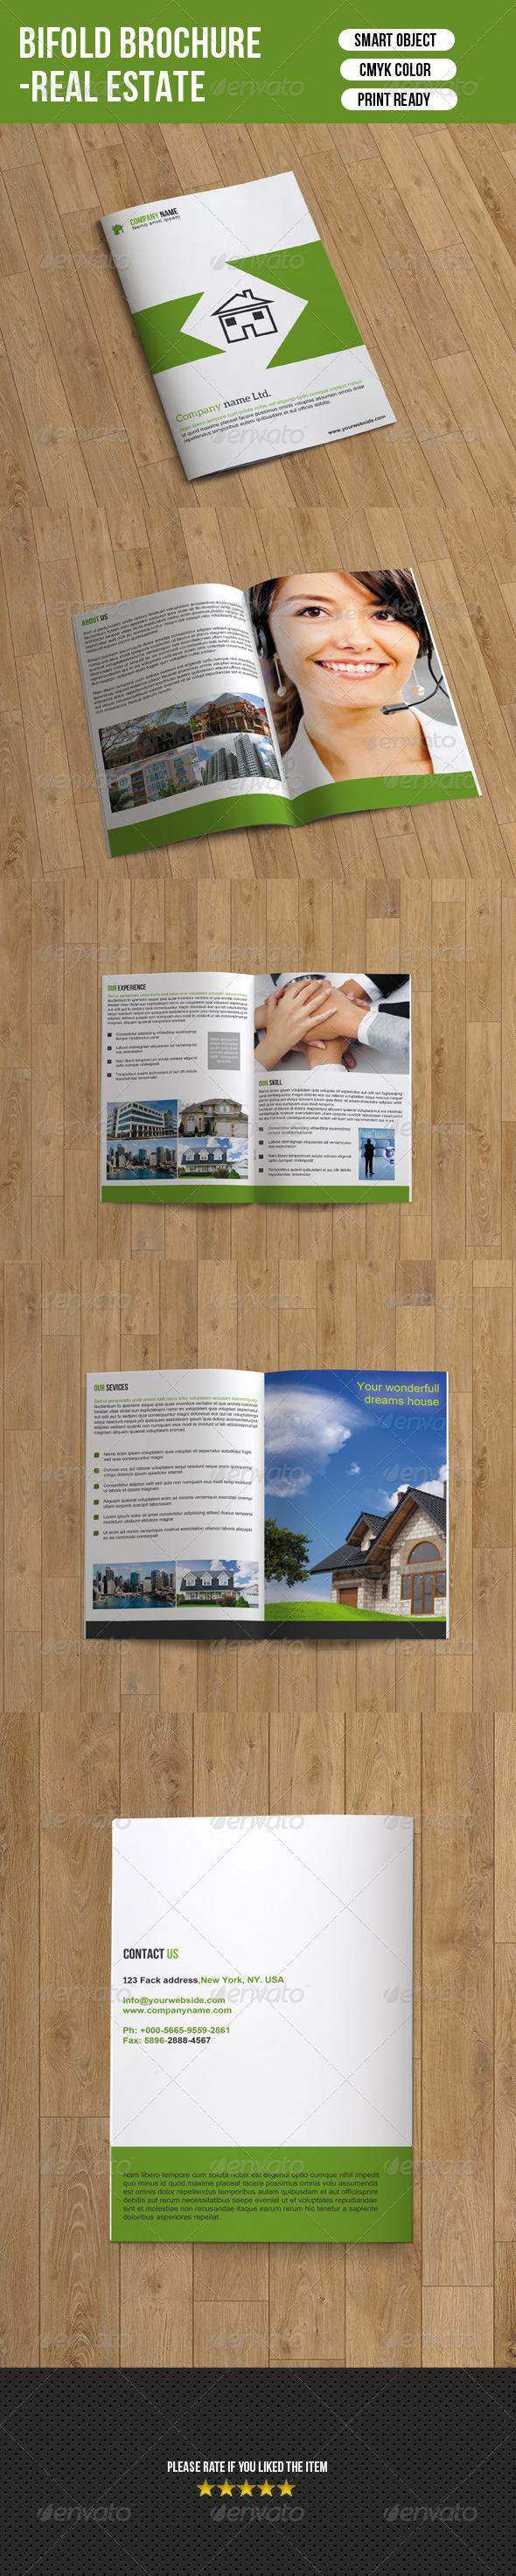 Bifold Real Estate Brochure - Corporate Brochures